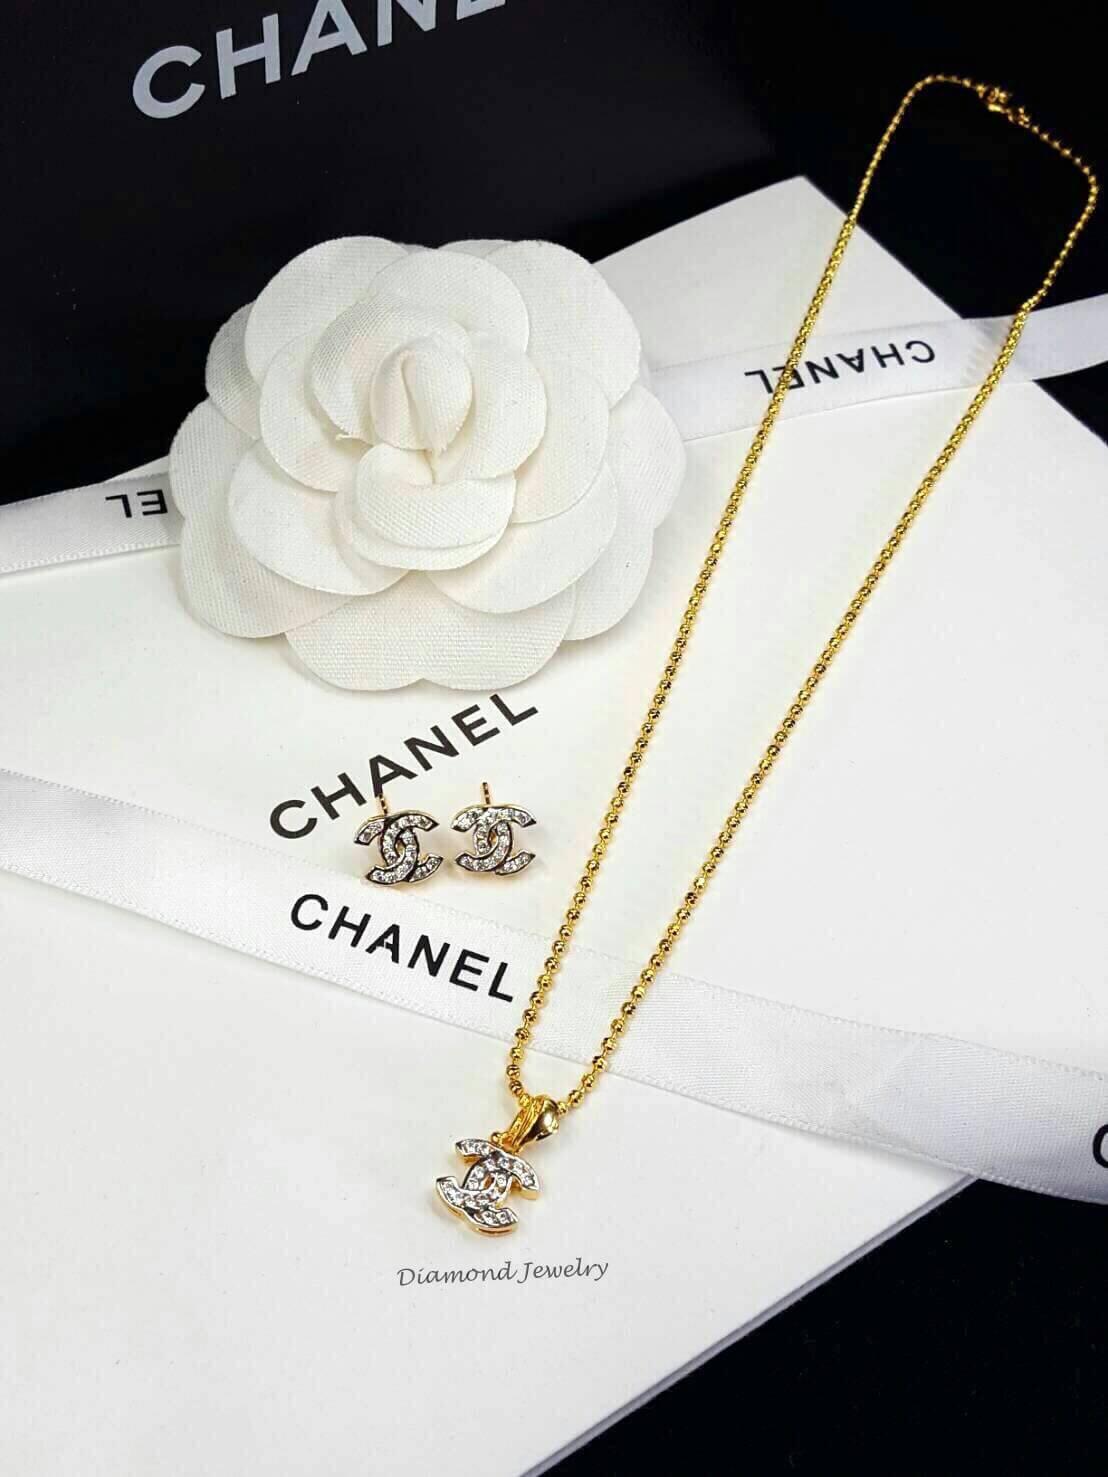 พร้อมส่ง ต่างหู & สร้อย & จี้ Chanel รุ่นมินิ